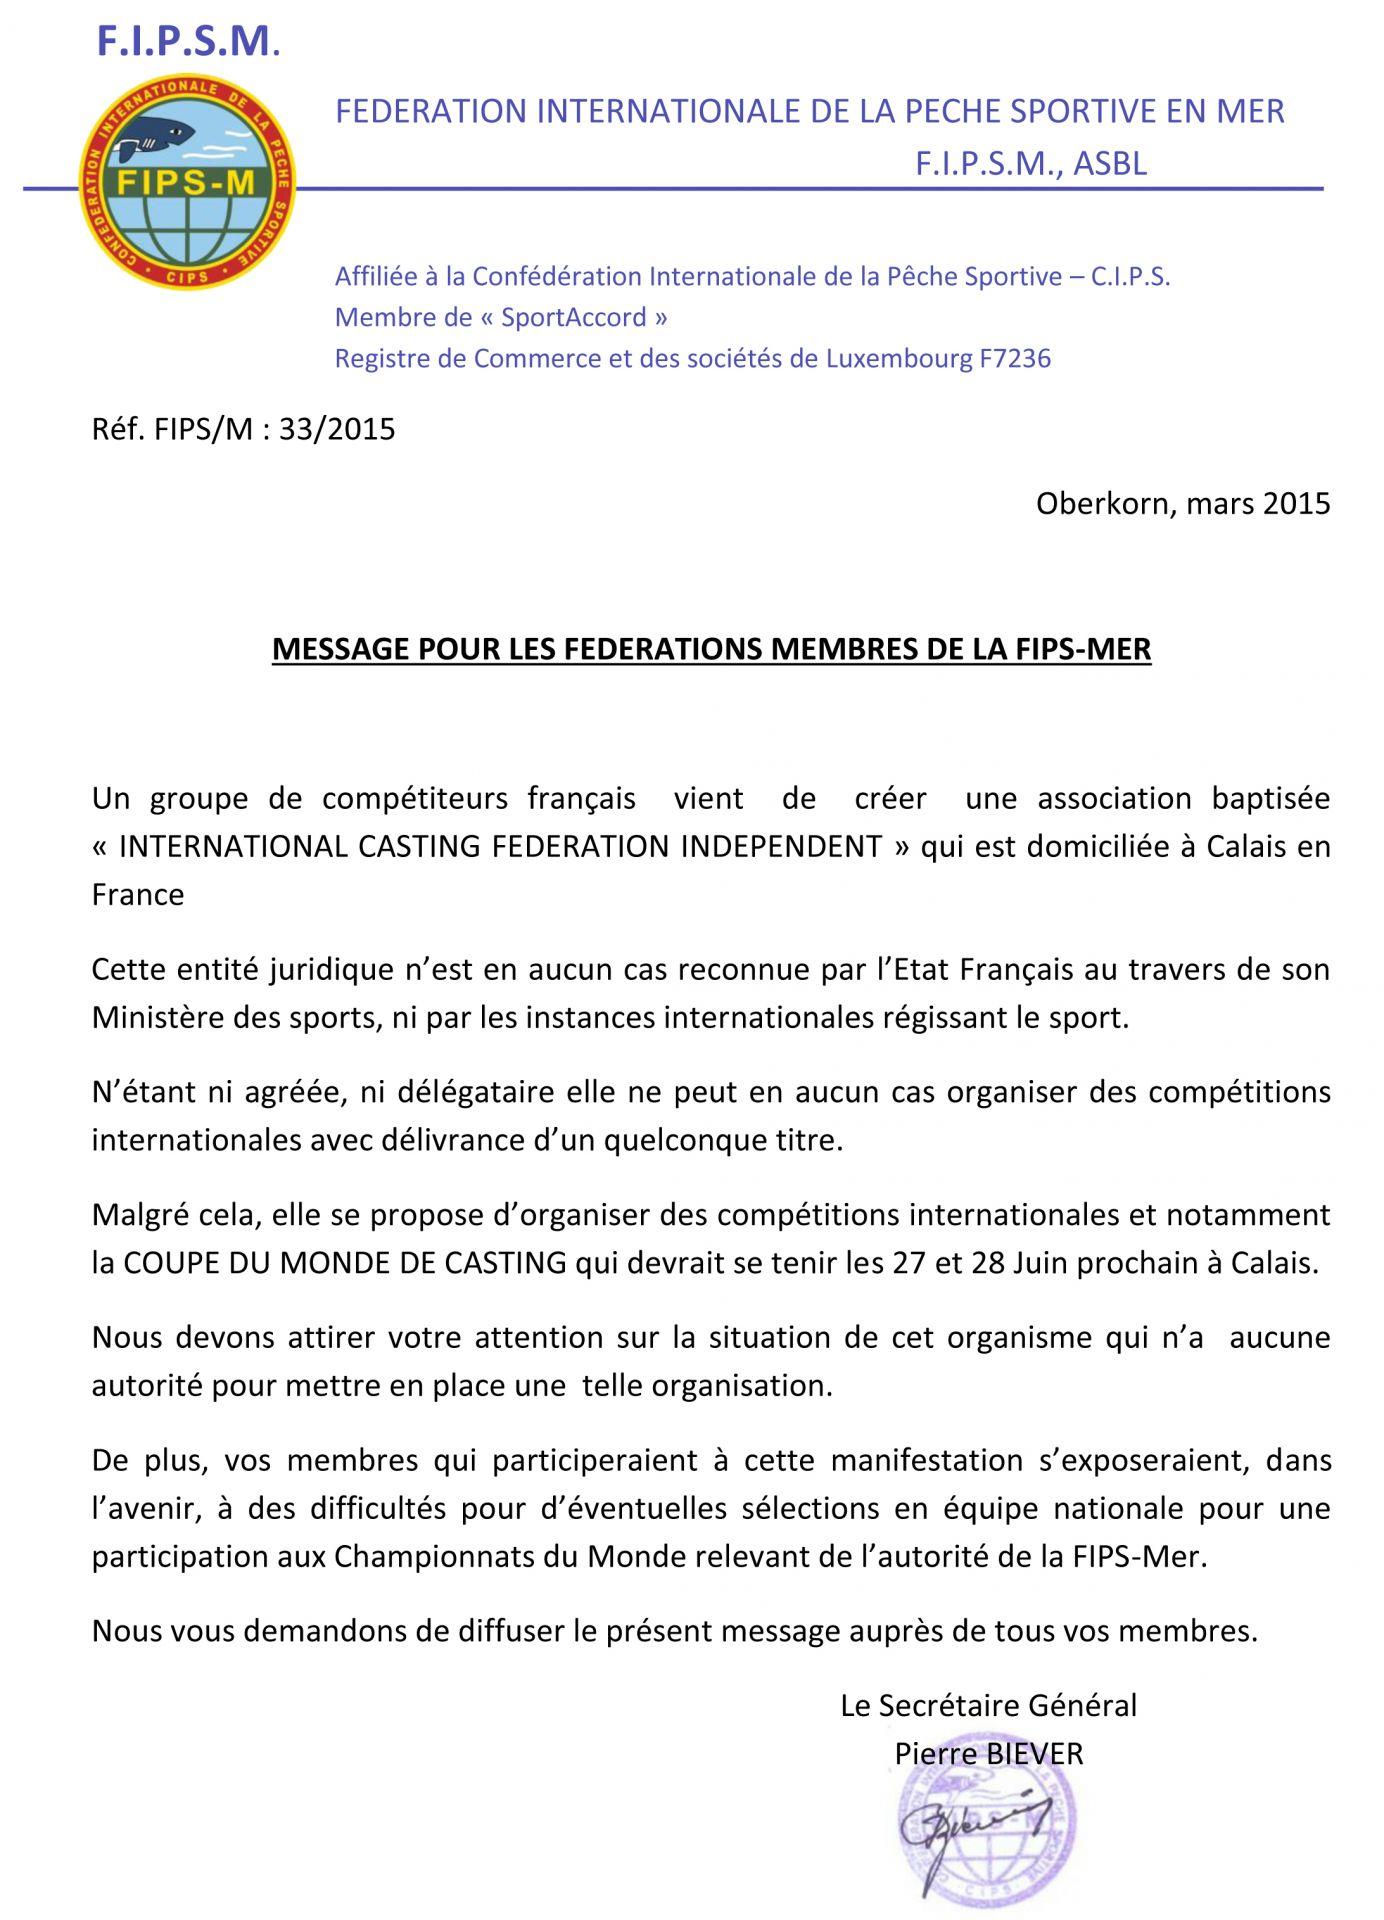 Lettre d'information de la FIPSM concernant l'ICFI 5540ceb13a745